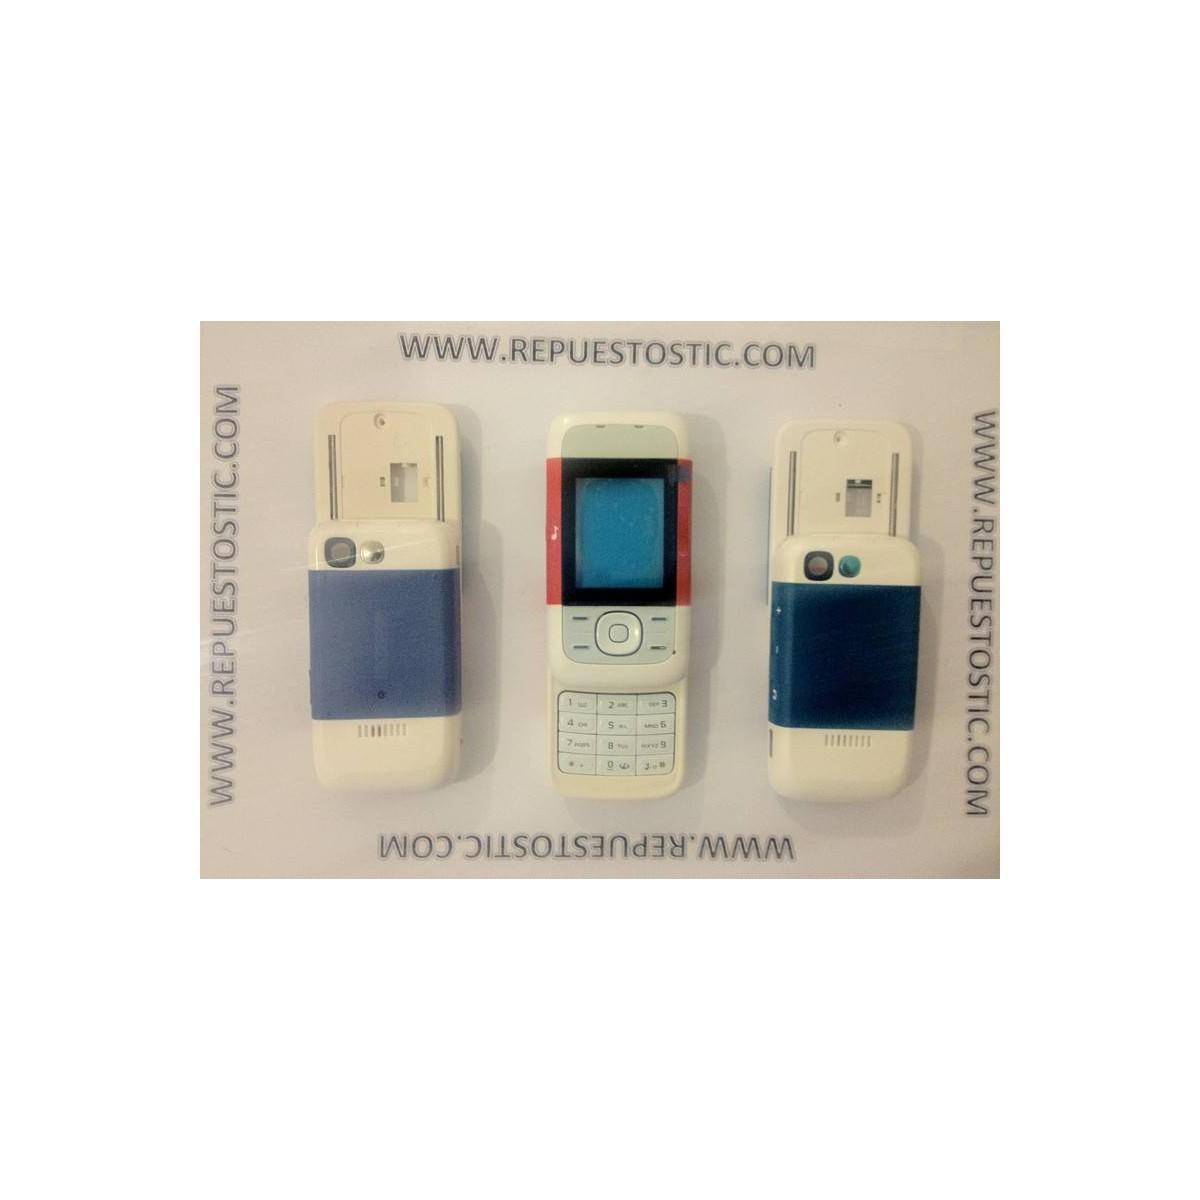 Carcasa Nokia 5200 color Morado